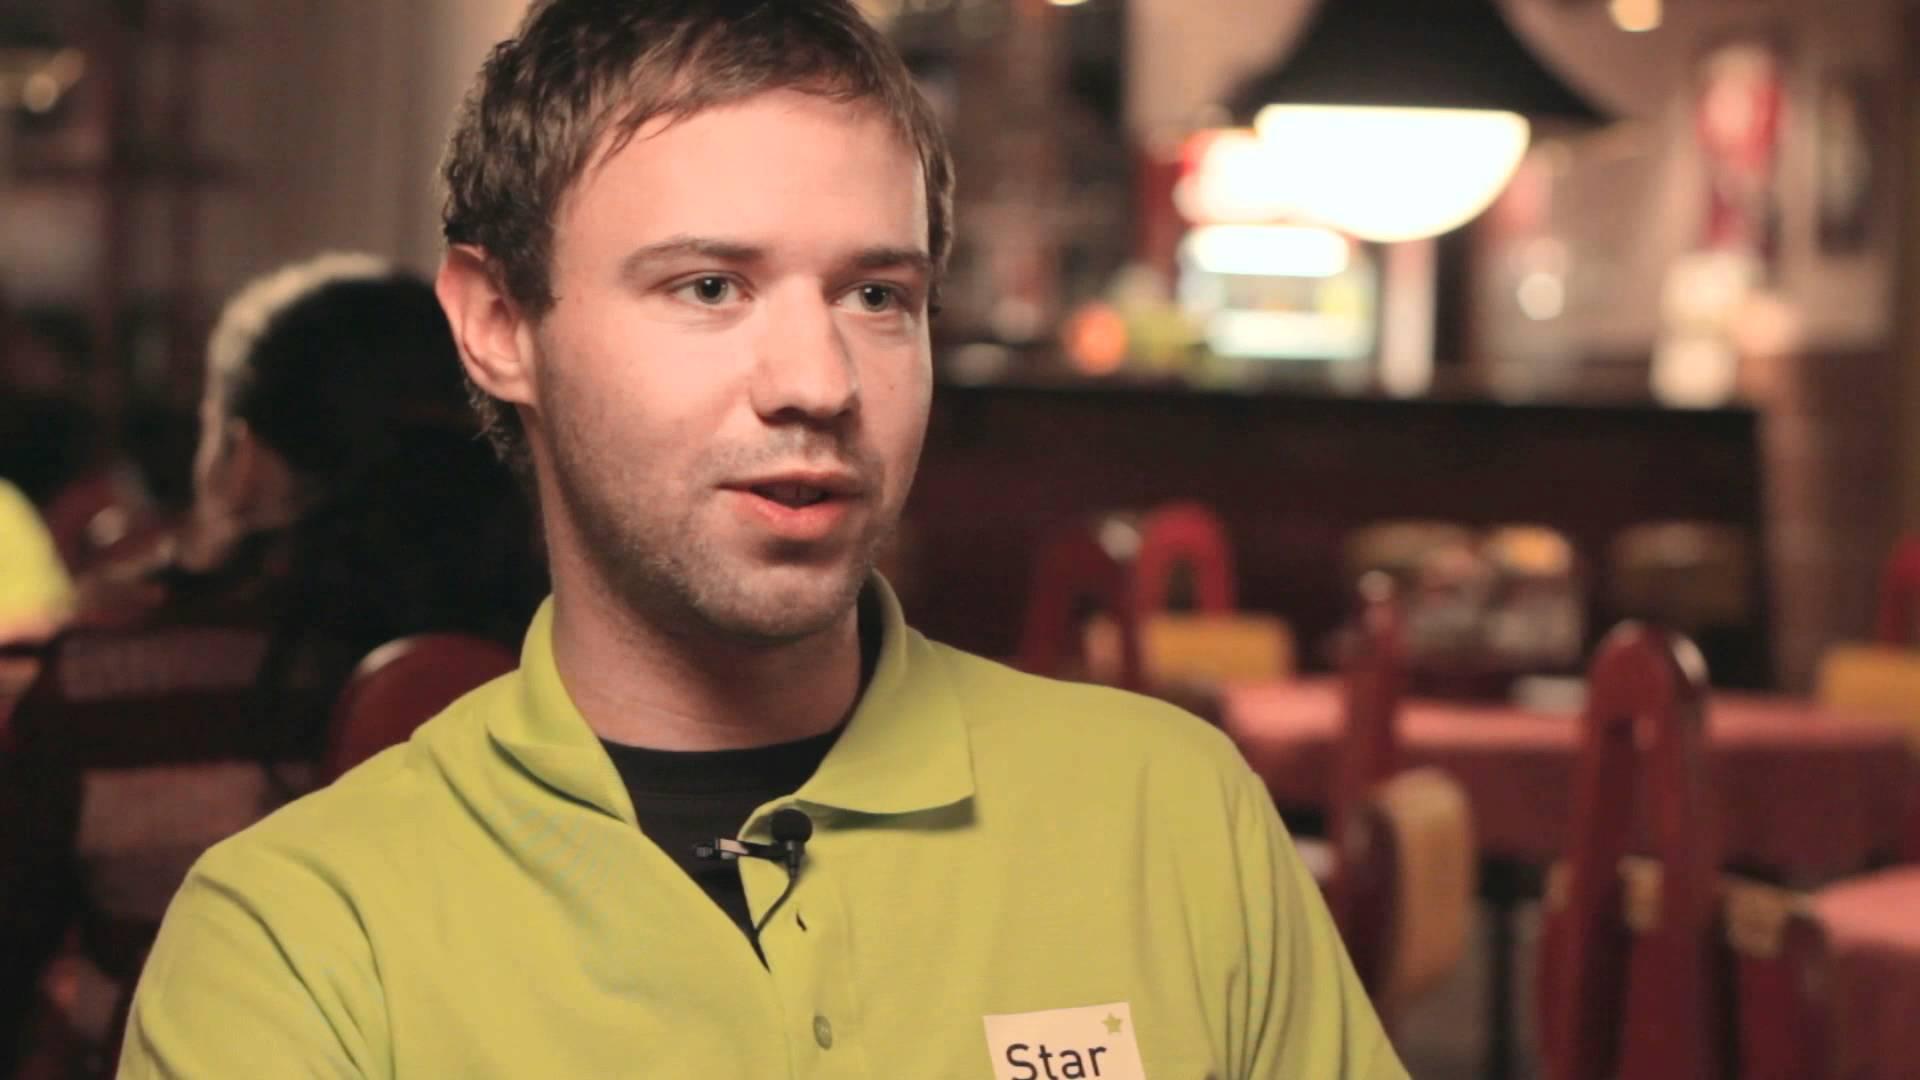 Zakladatel Skypickeru Oliver Dlouhý: Baví mě vymýšlet způsoby, jak zlepšit svět